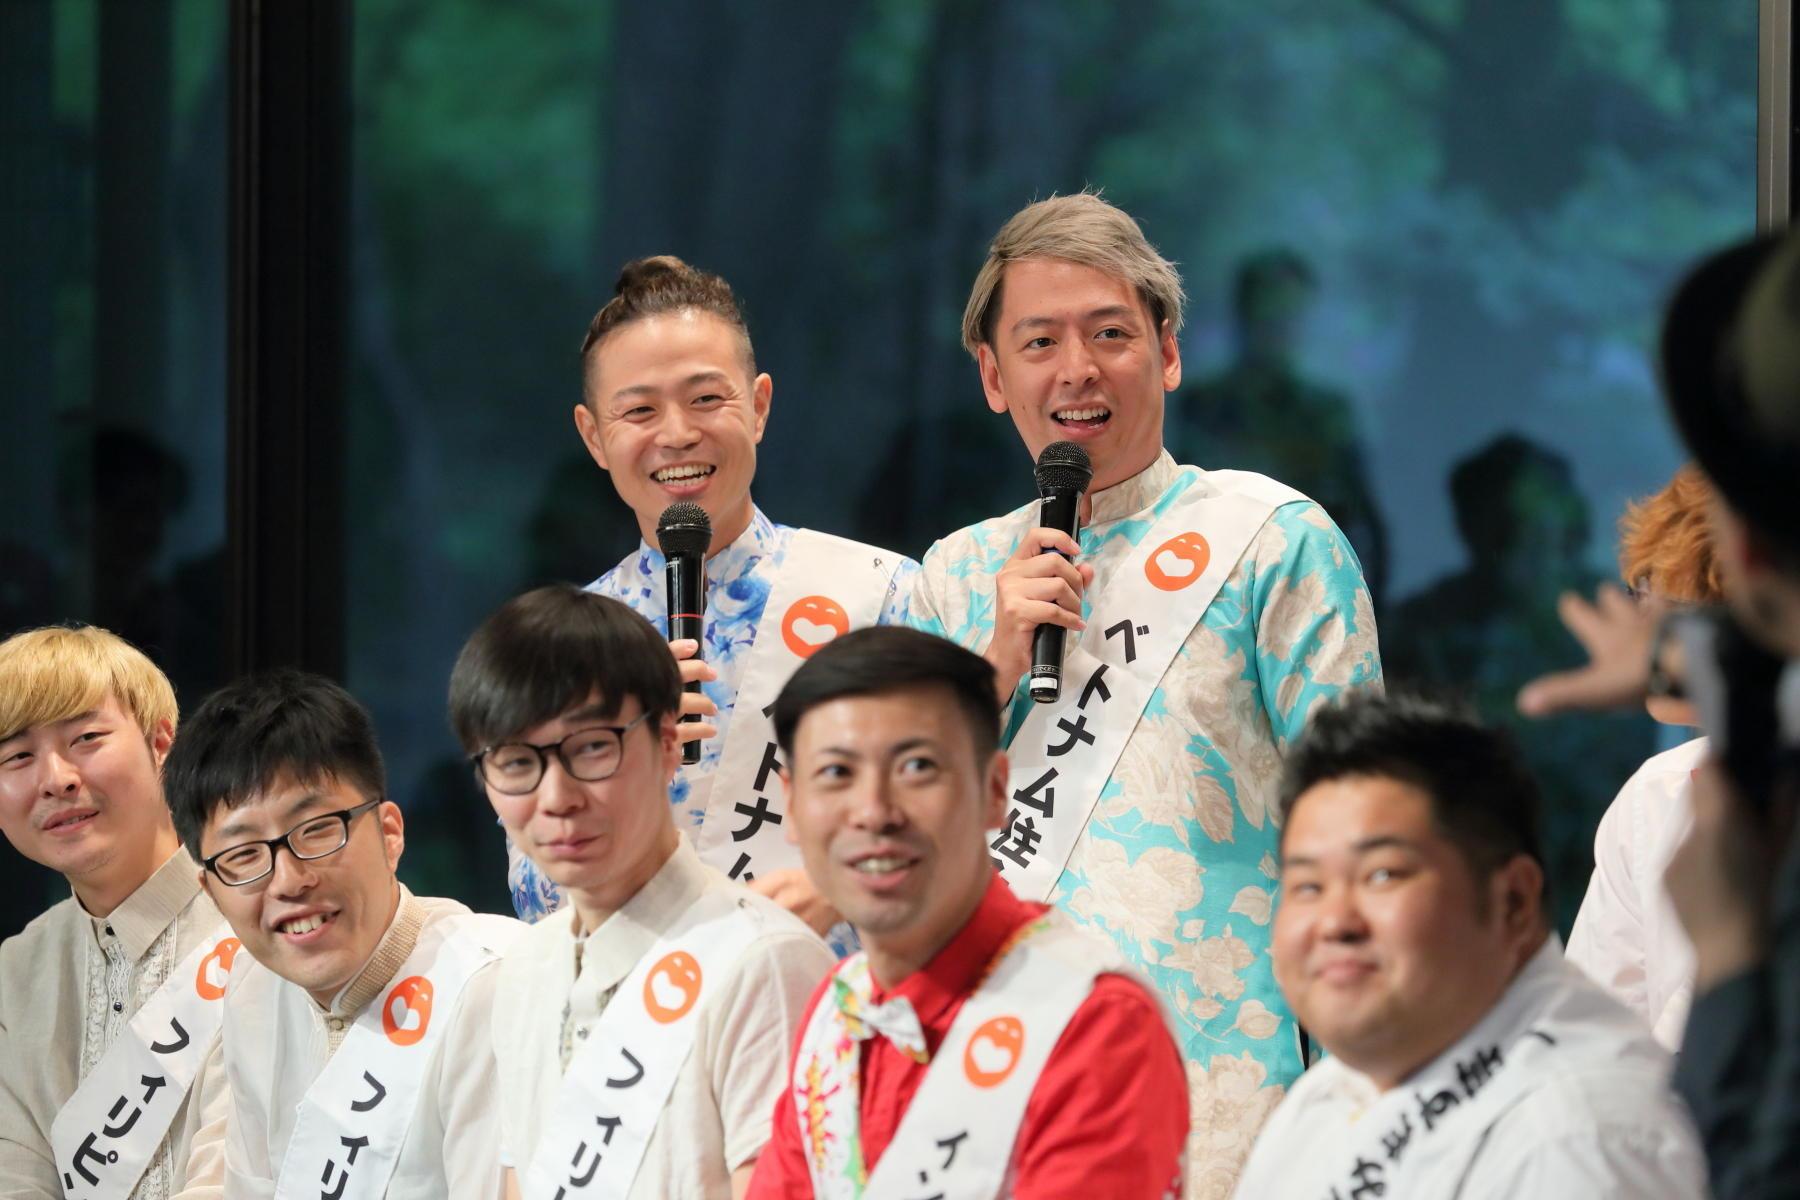 http://news.yoshimoto.co.jp/20180502054318-1a3a58af16a79abe5e5c91639fa7b3ba689fd8cd.jpg